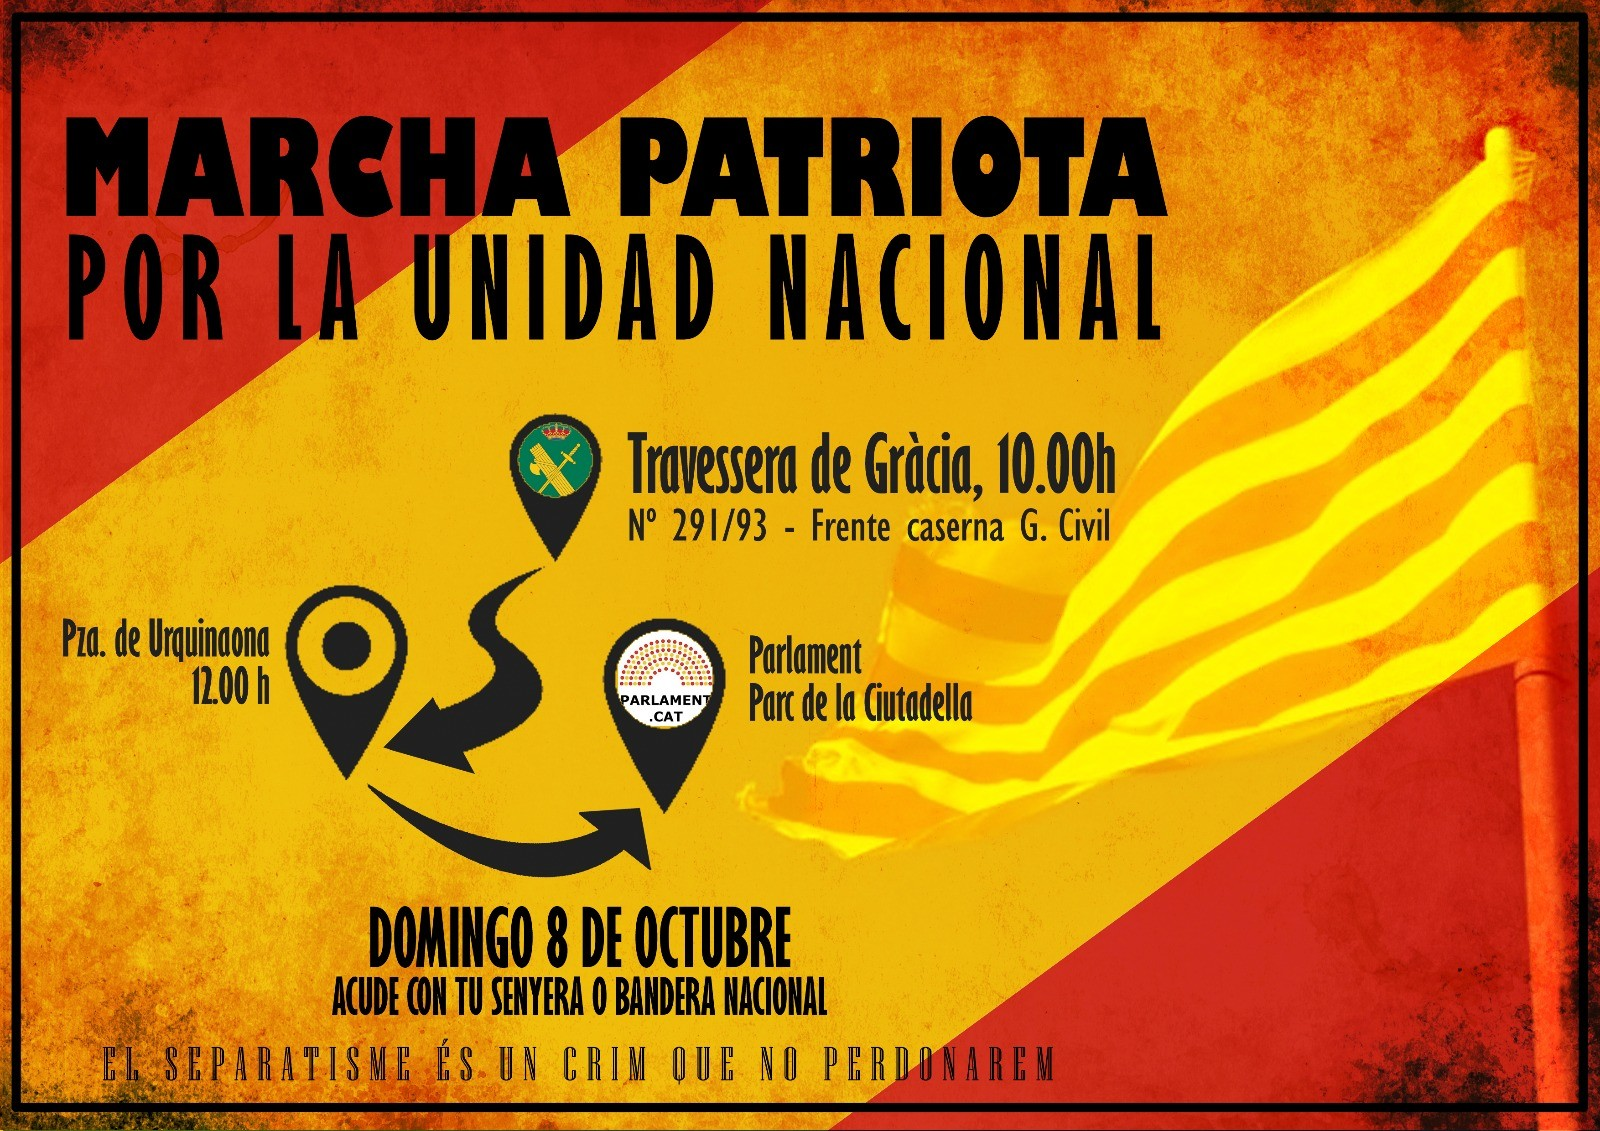 Domingo 8 de Octubre: Todos a Barcelona